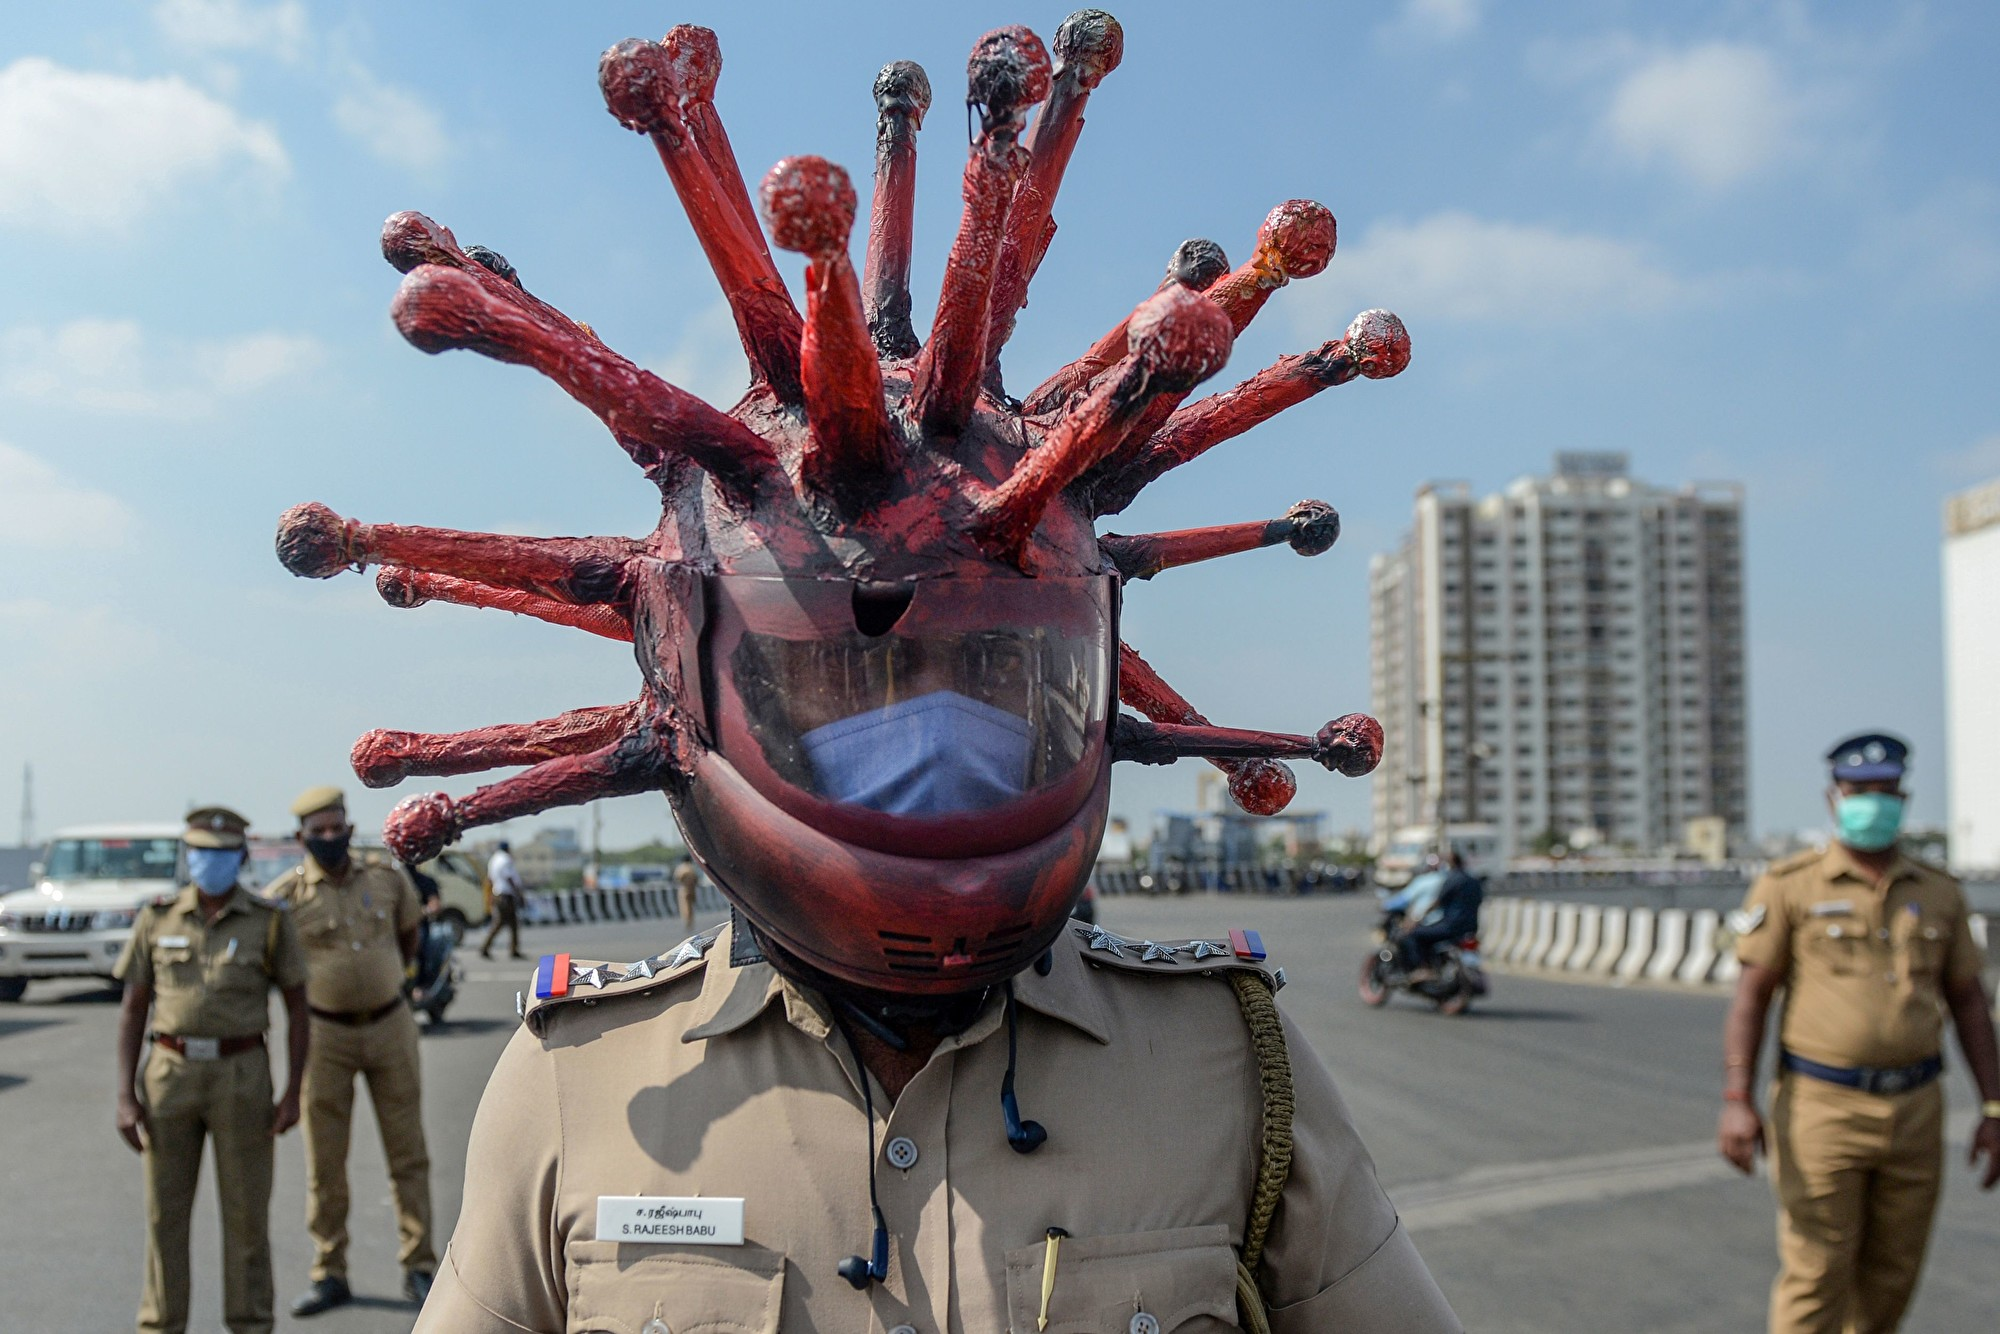 印度警察戴病毒狀安全帽 警告民眾待在家裏